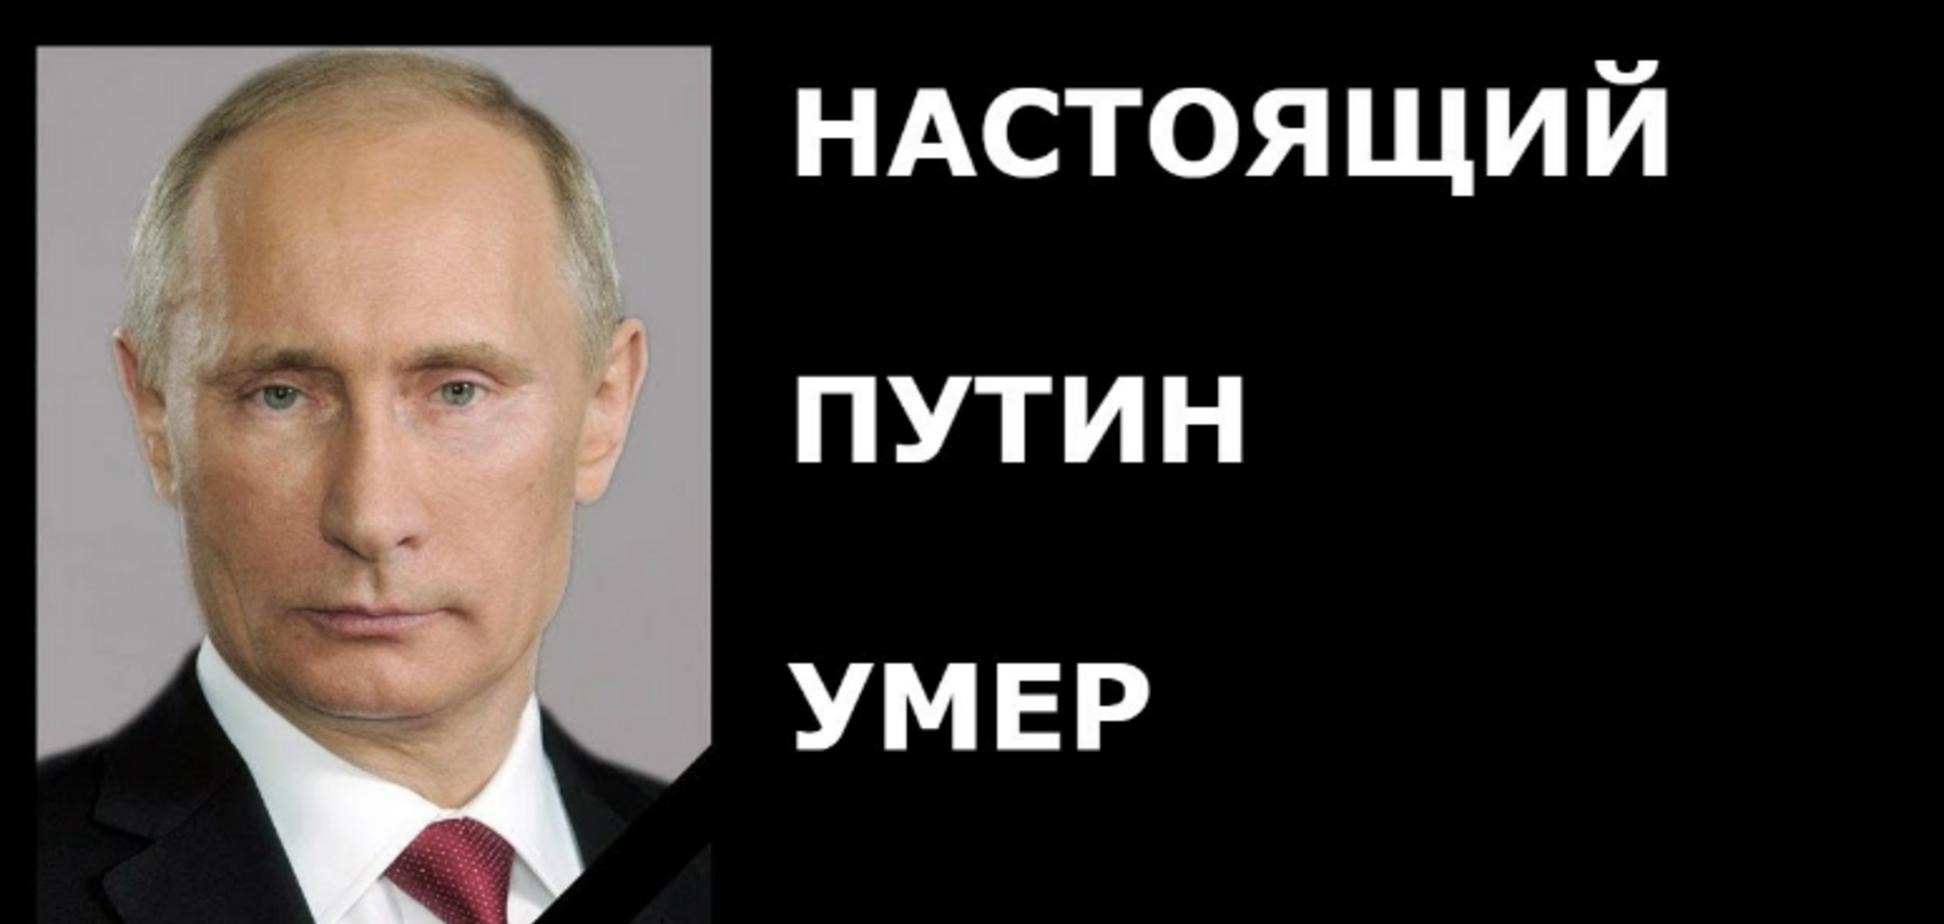 'Казковий брехун і злодій': в Росії знову поховали Путіна. Фото 'могили'